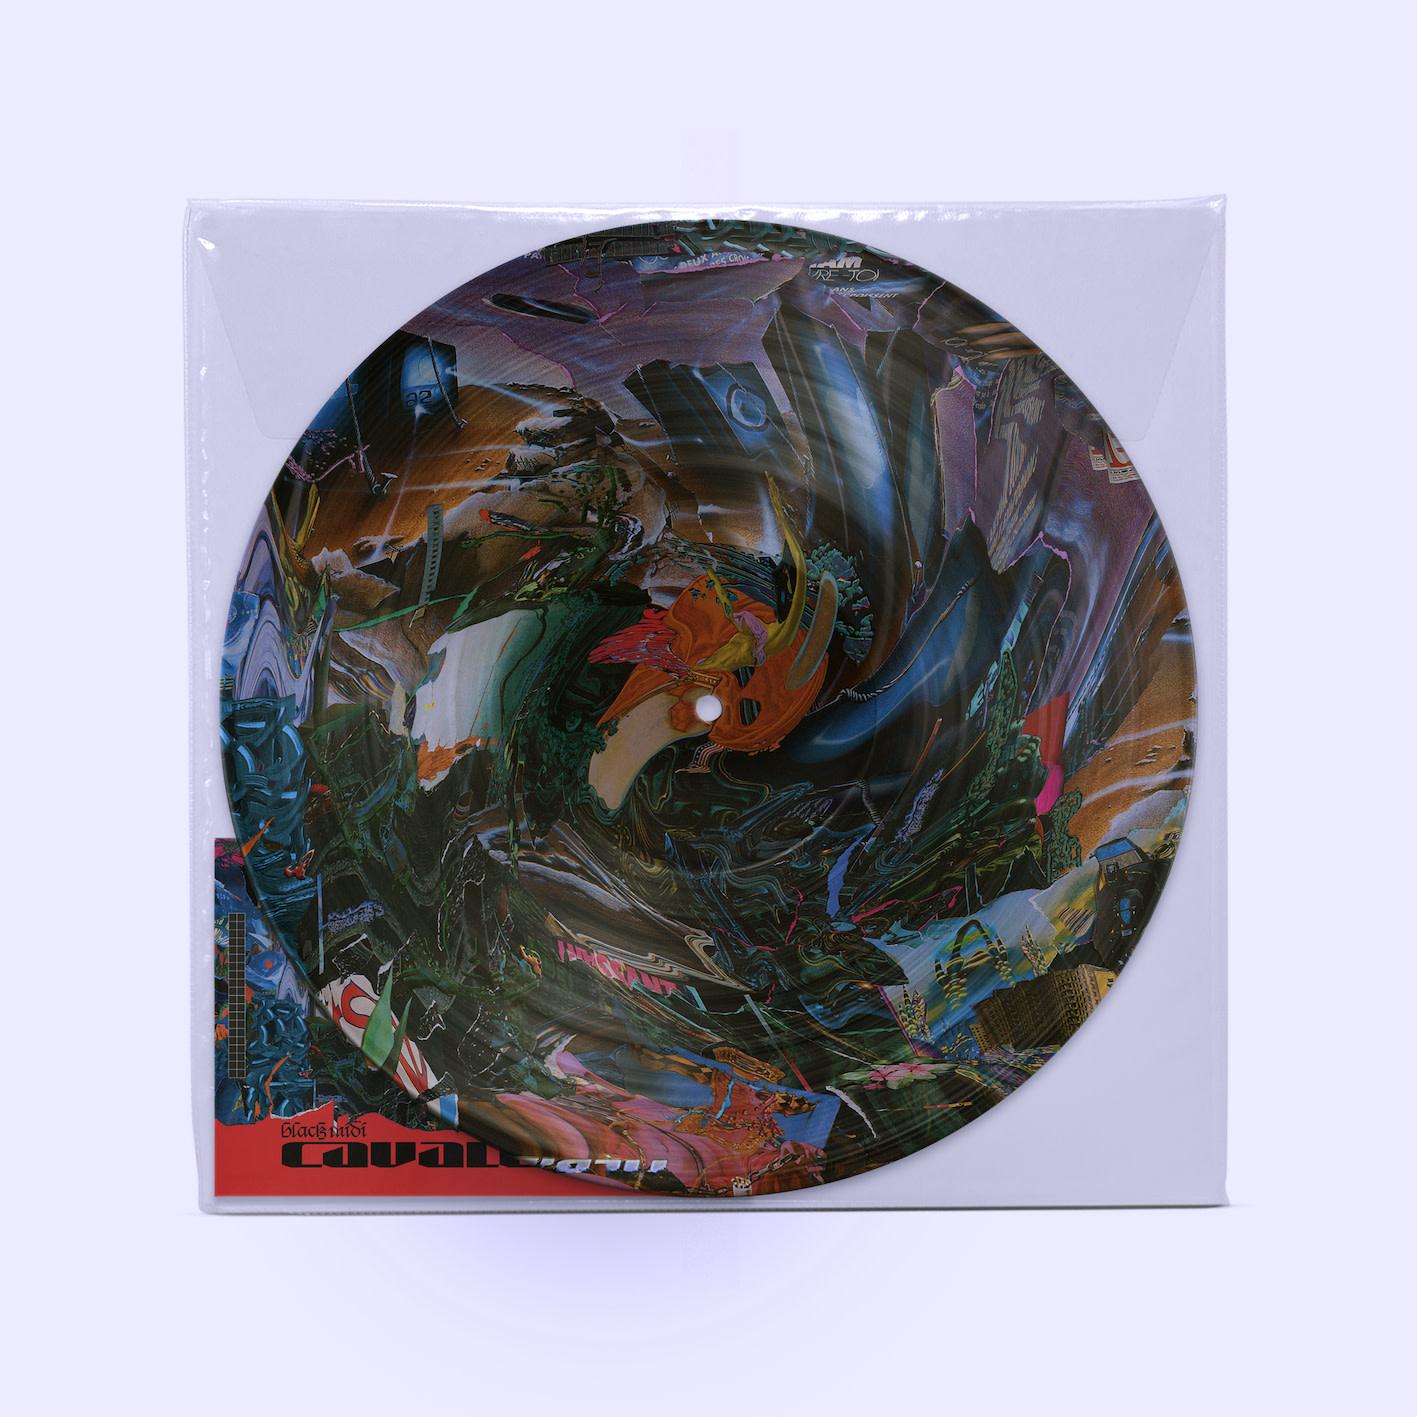 Rough Trade Records black midi - Cavalcade (Picture Disc)